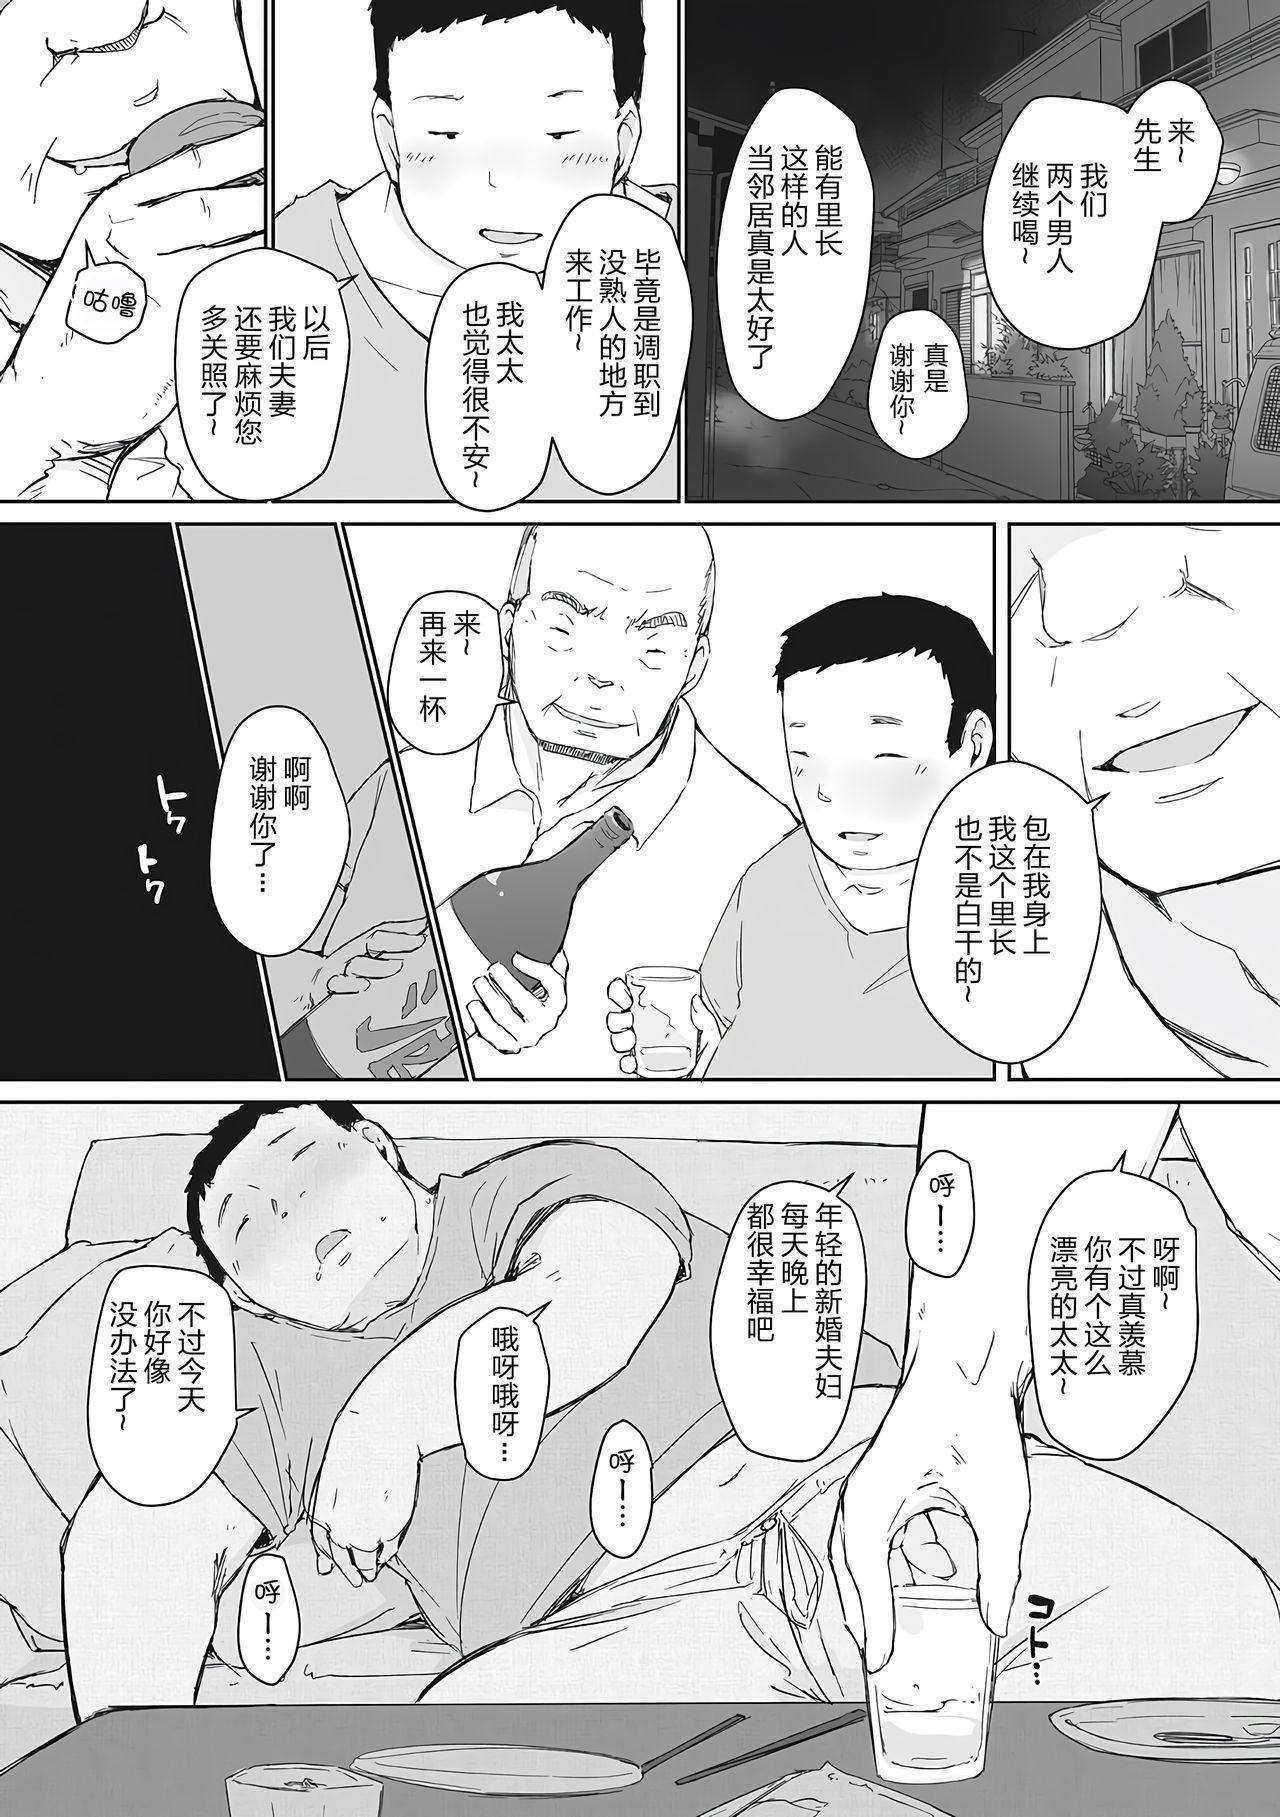 Yue ni Hitozuma wa Netorareta. 225